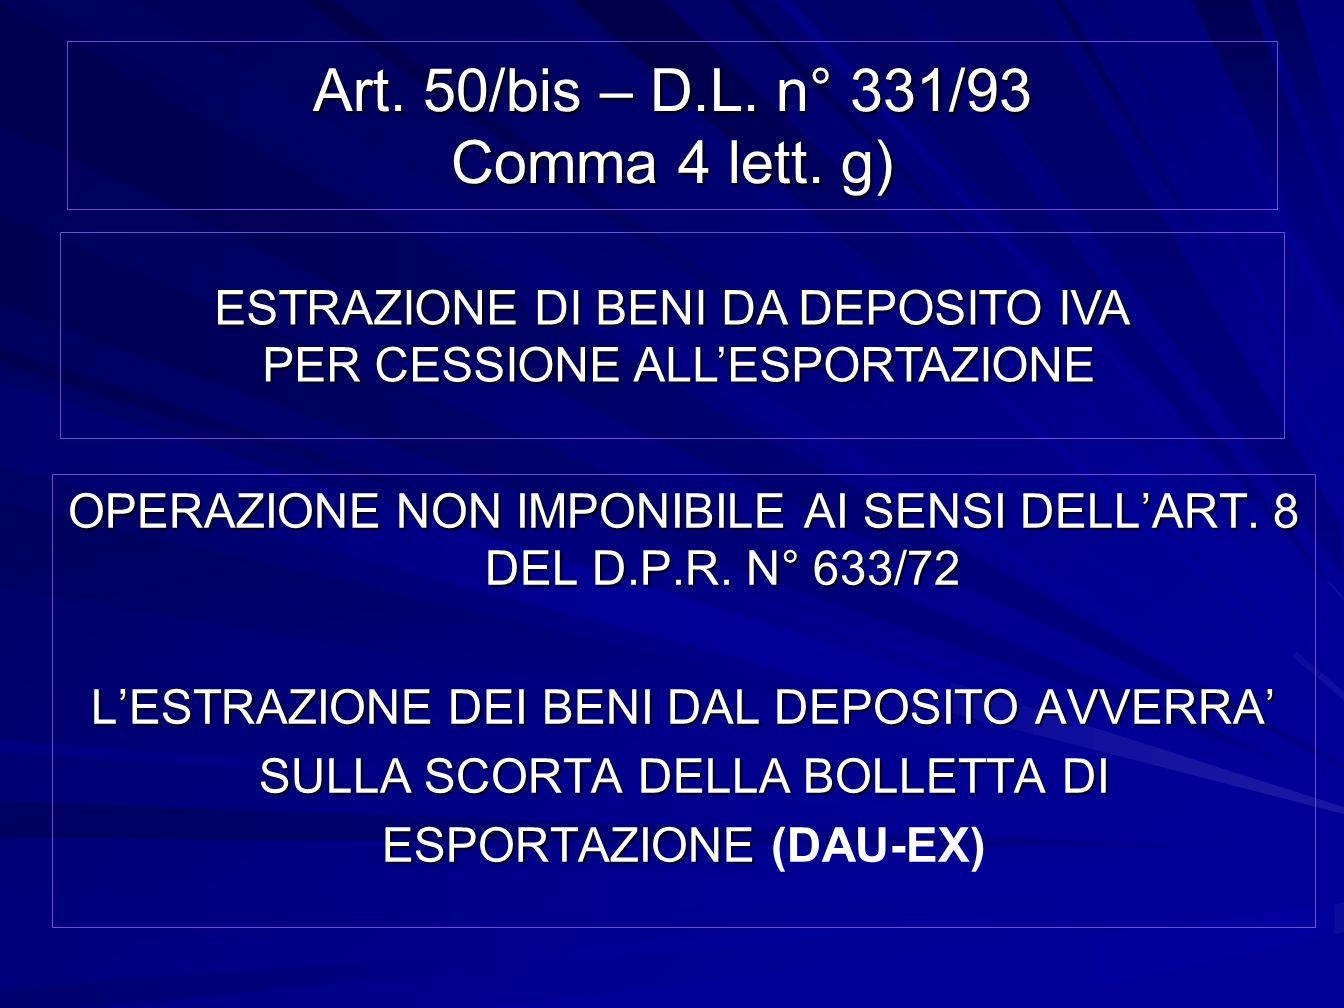 Art. 50/bis – D.L. n° 331/93 Comma 4 lett. g) OPERAZIONE NON IMPONIBILE AI SENSI DELLART. 8 DEL D.P.R. N° 633/72 LESTRAZIONE DEI BENI DAL DEPOSITO AVV